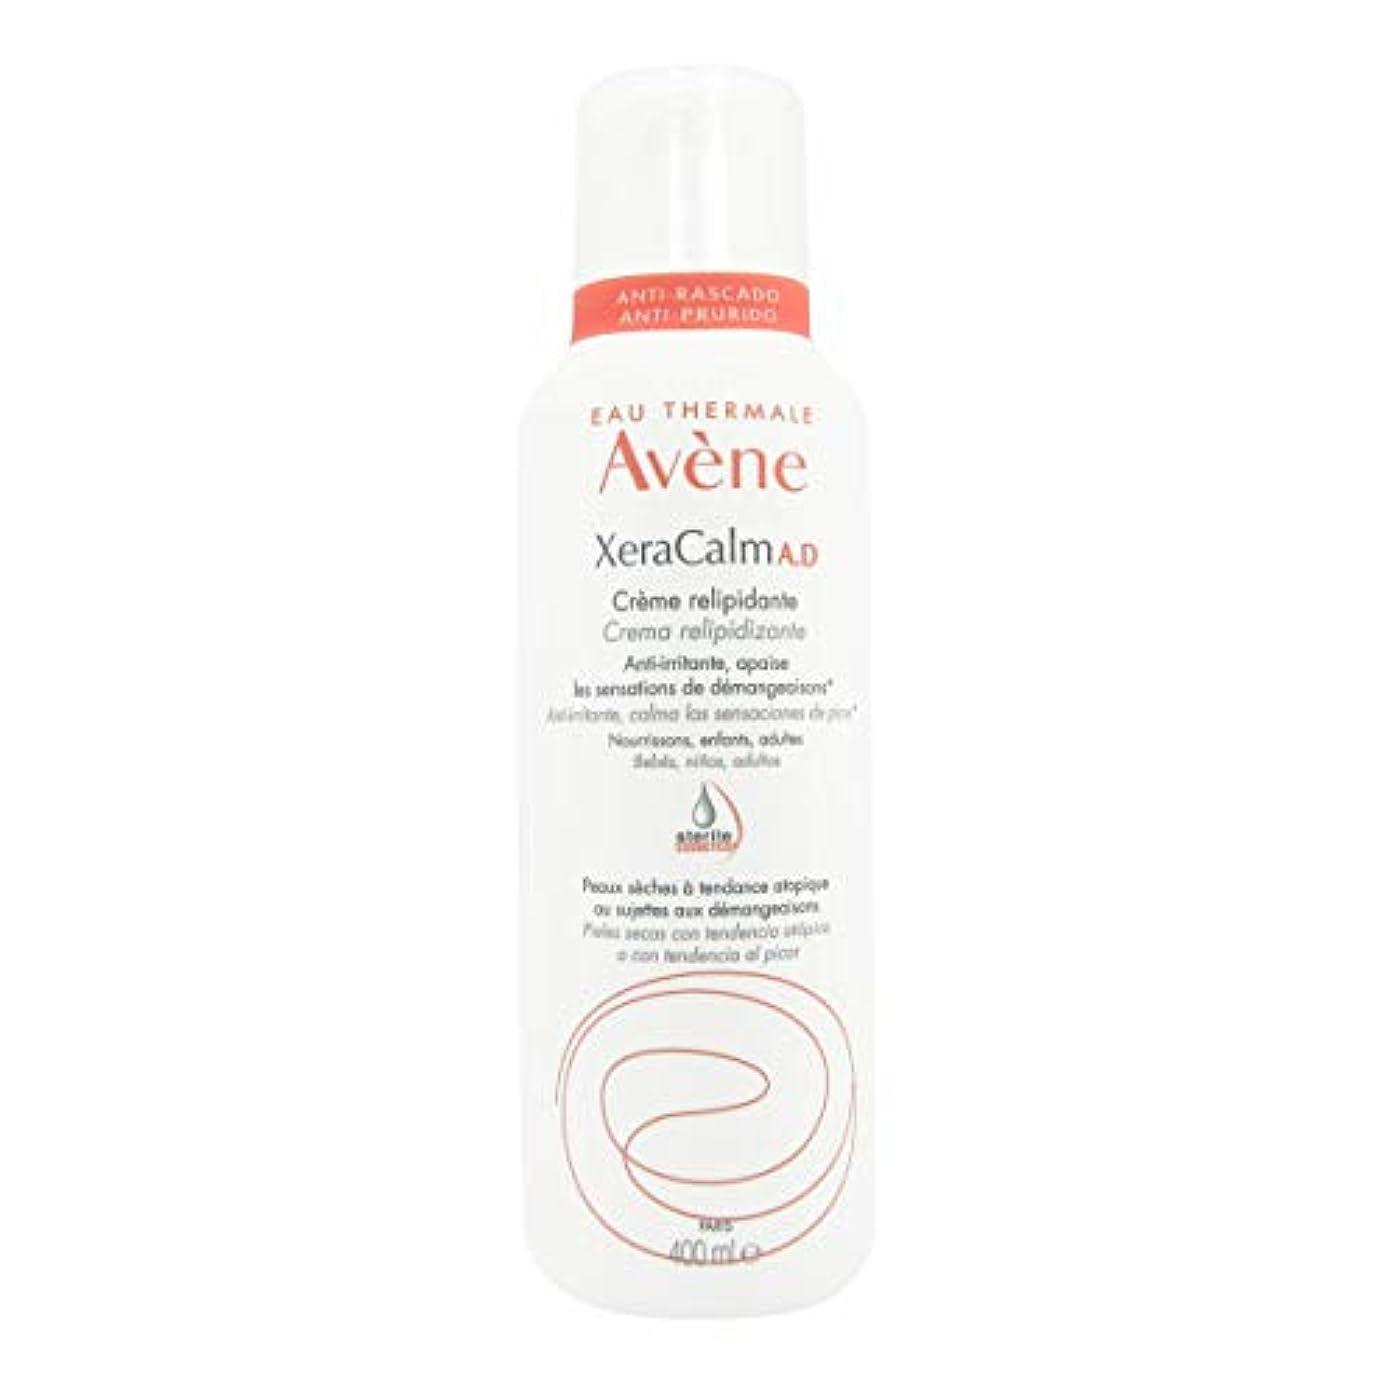 告白する粗い凝視Avene Xeracalm Ad Replenishing Cream 400ml [並行輸入品]